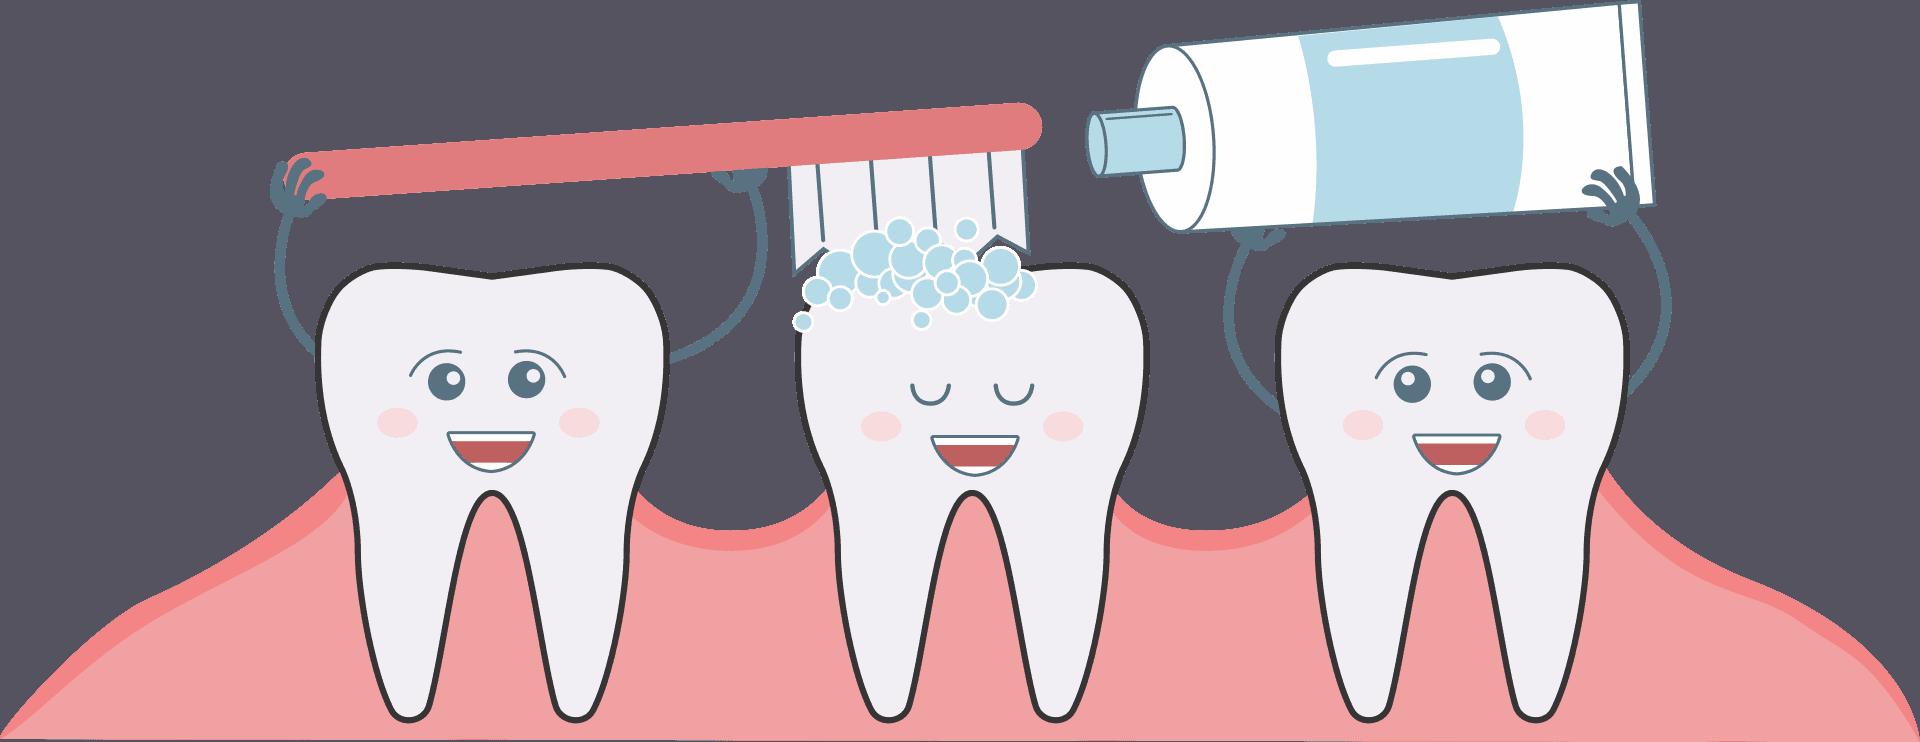 dentes2 Dra Sheilla Pinheiro - Odontologia Infantil Especializada